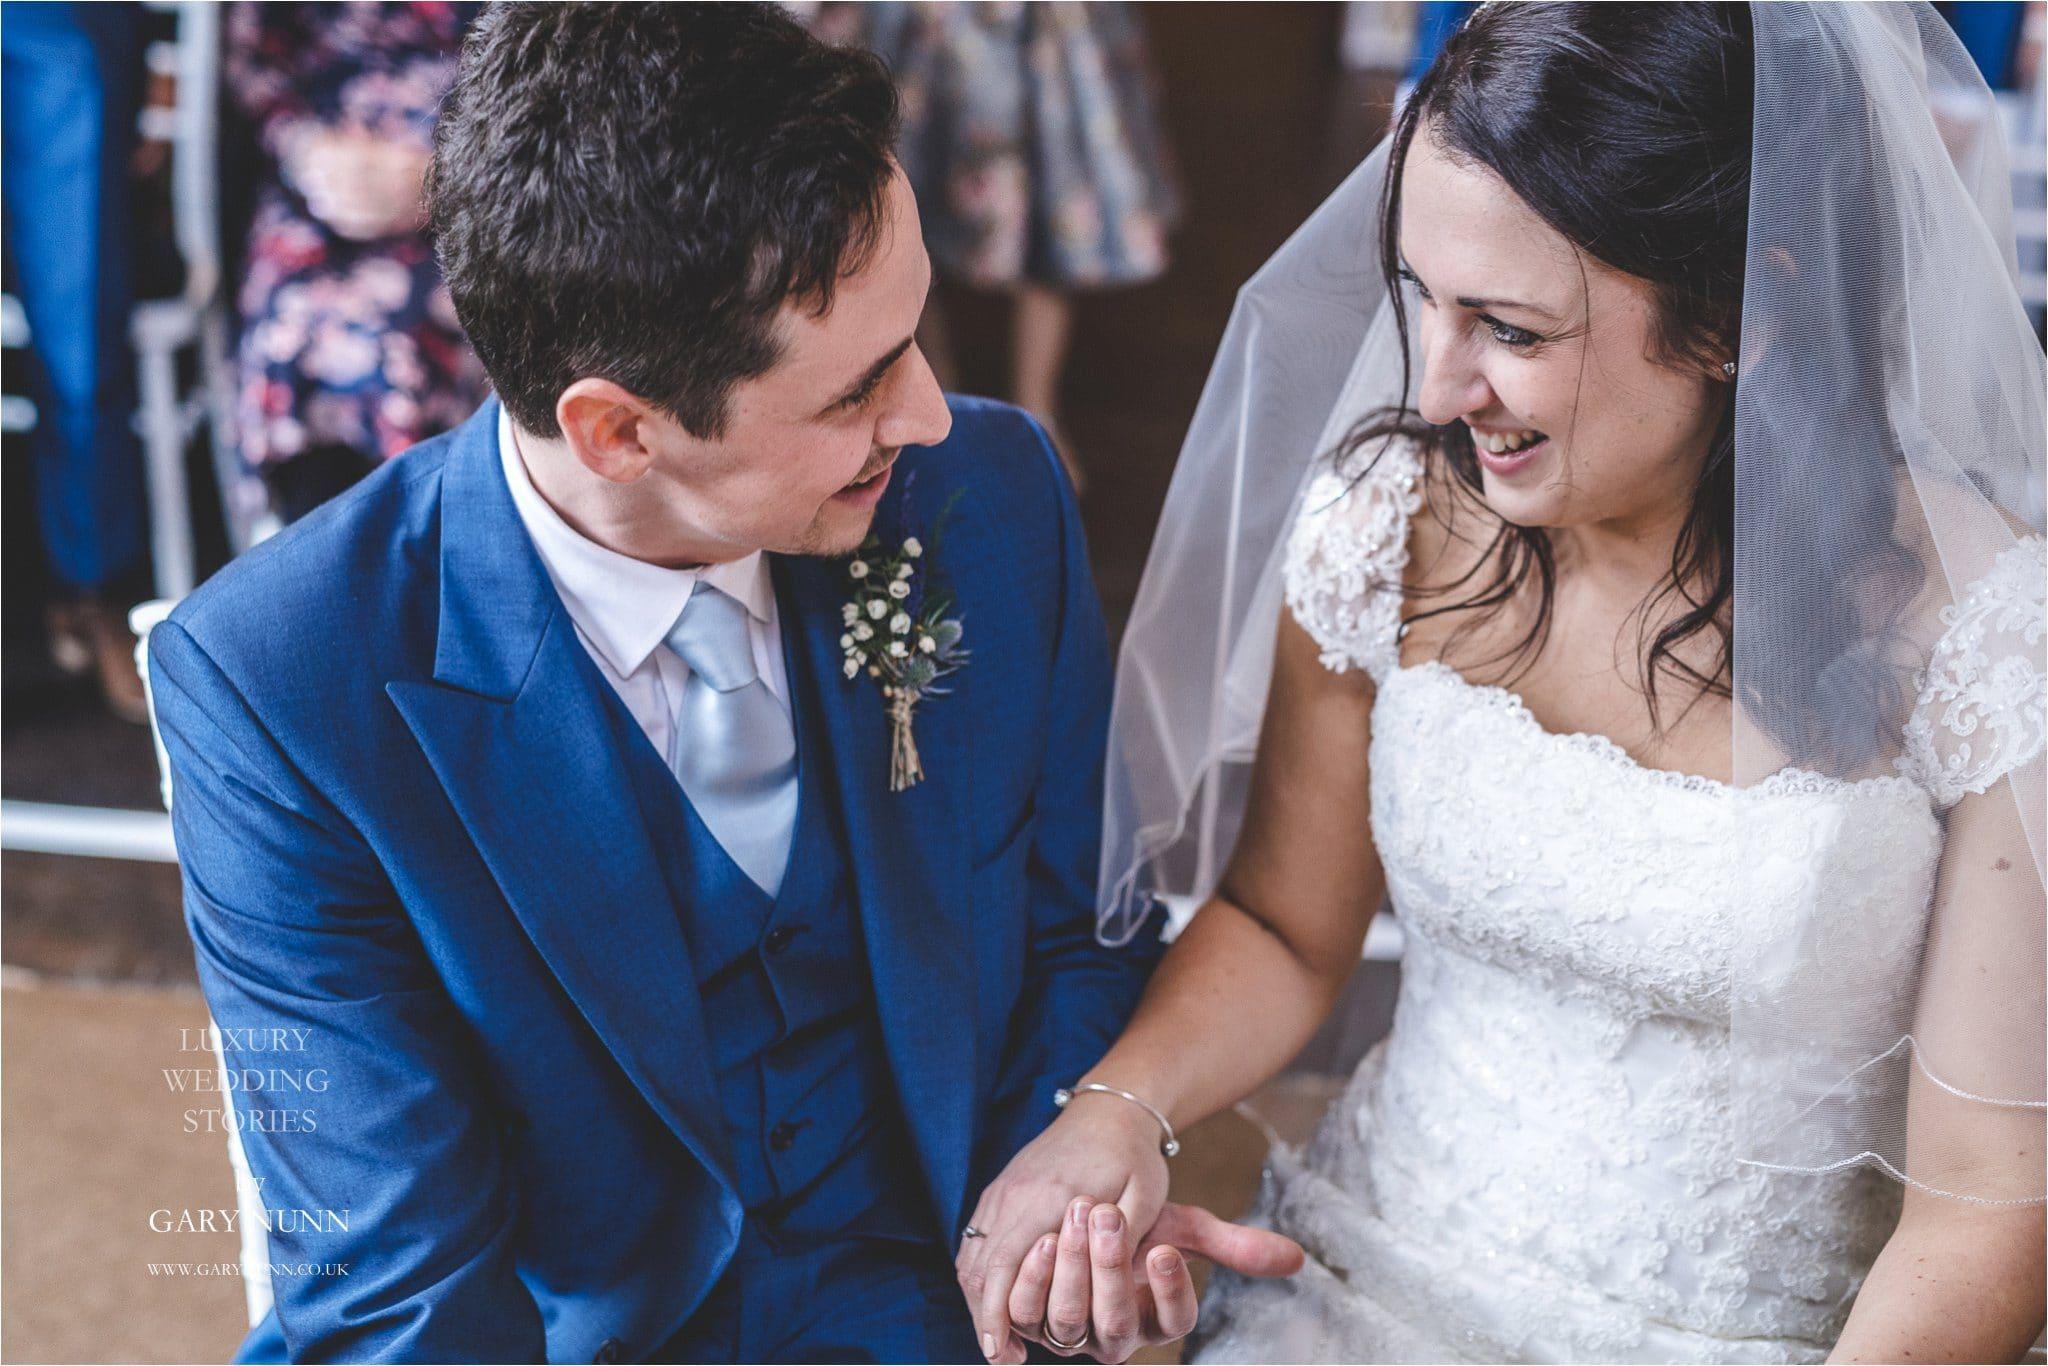 merriscourt, Gloucester wedding photographer, just married